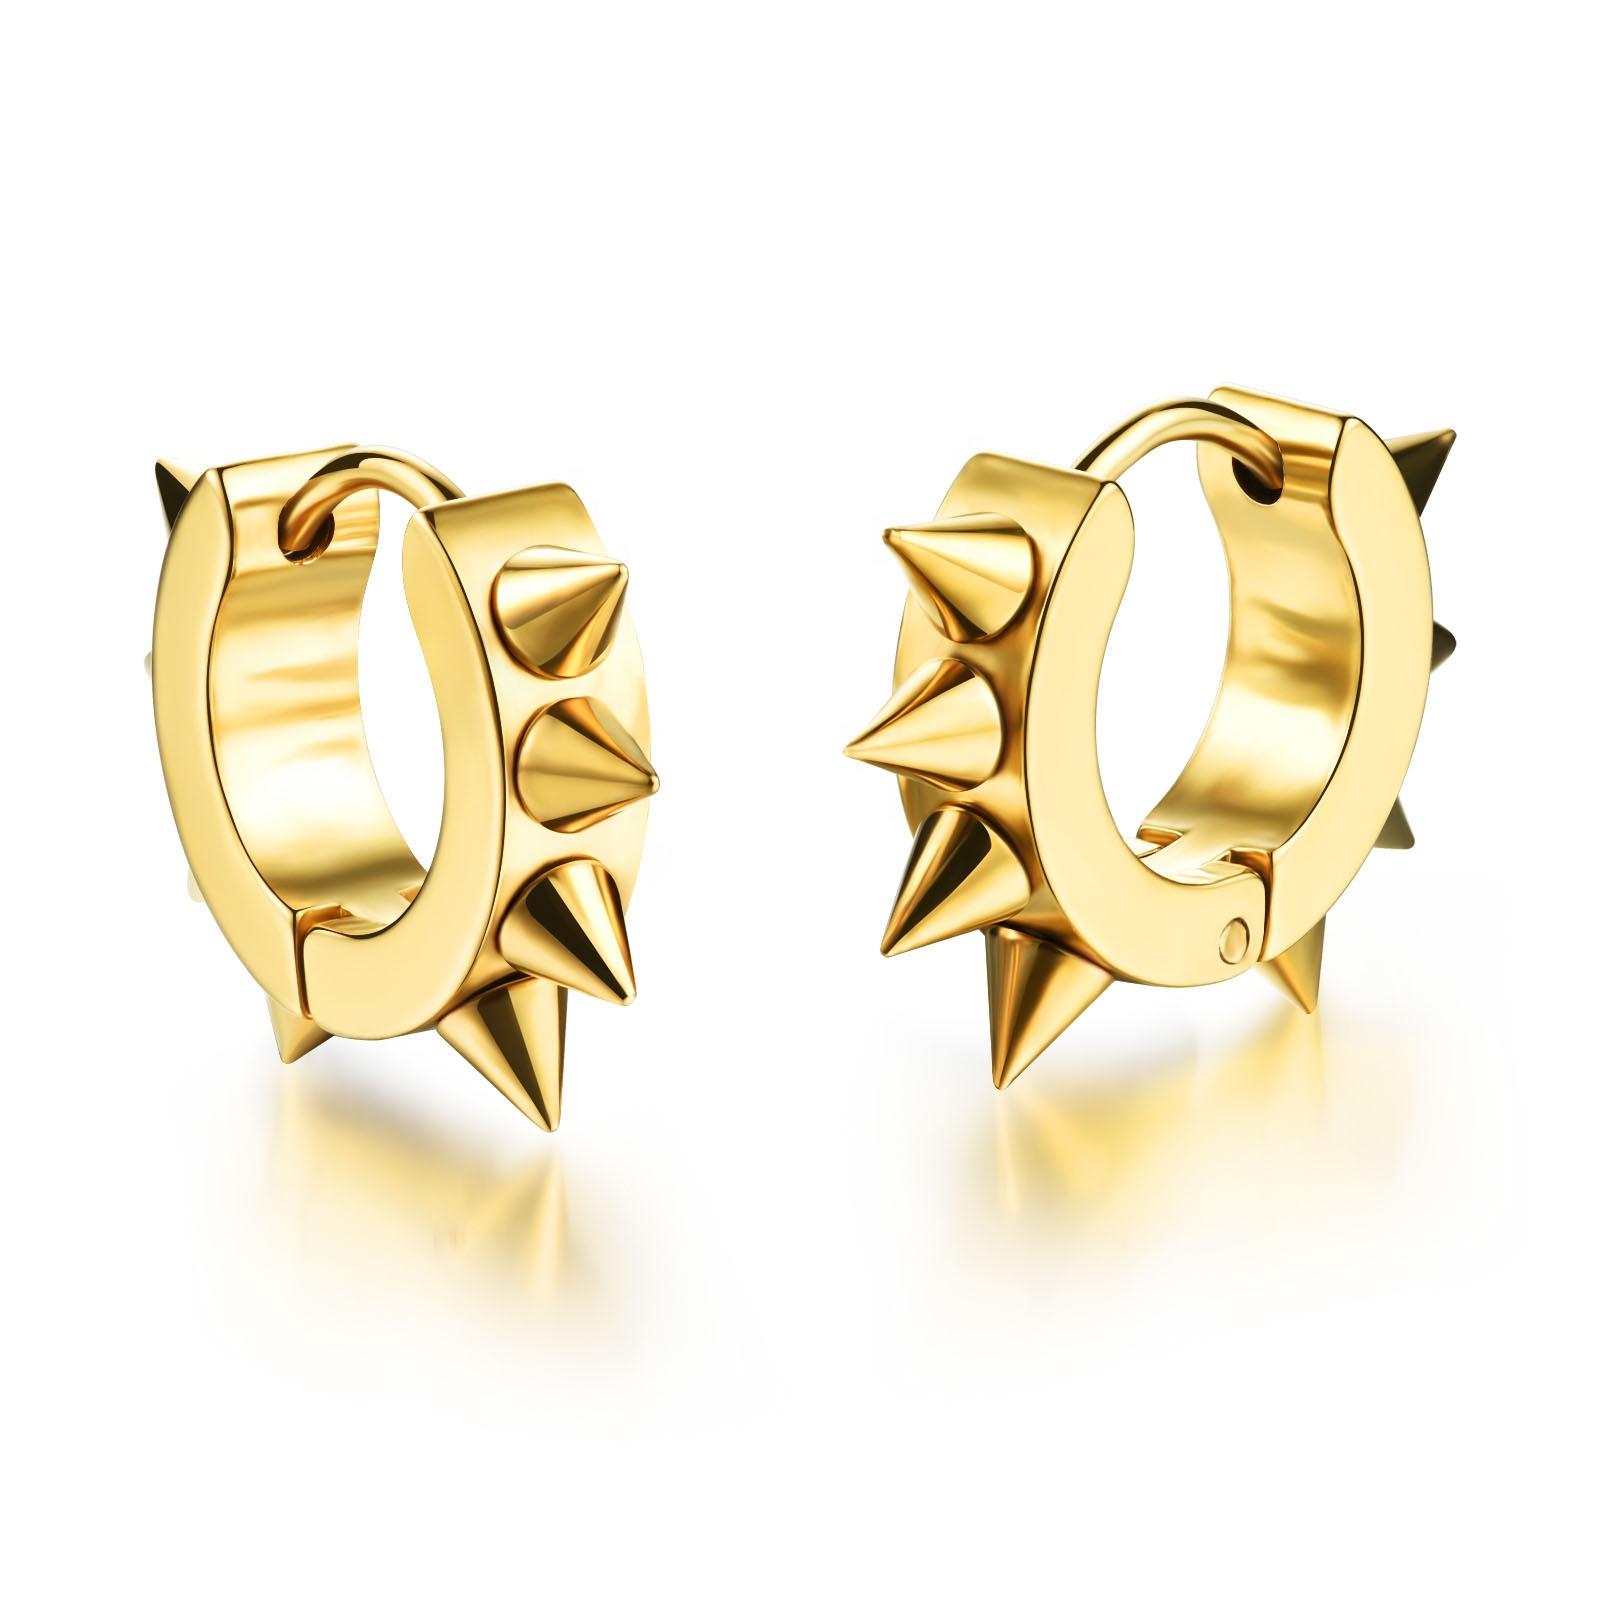 Lary Jewelry Boys Girls Stainless Steel Spiky Spikes Huggie Hoop Earrings Hip Hop 3 Colors